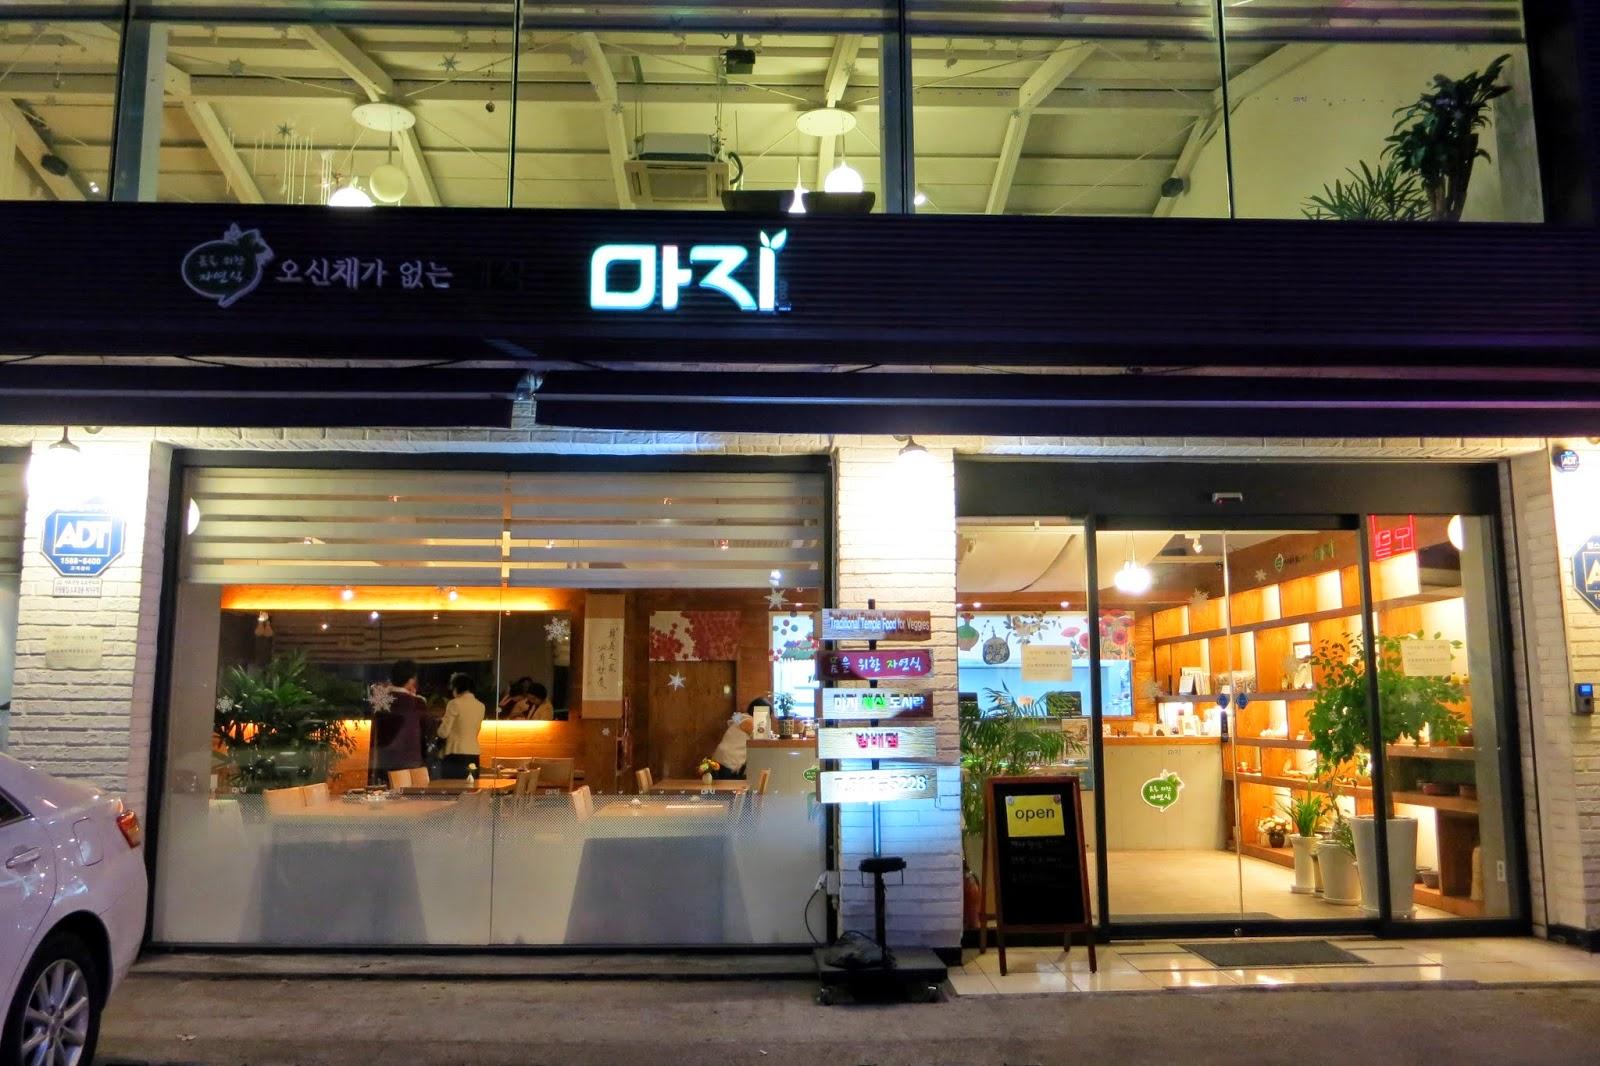 韓國首爾行後記--韓國素食搜尋攻略